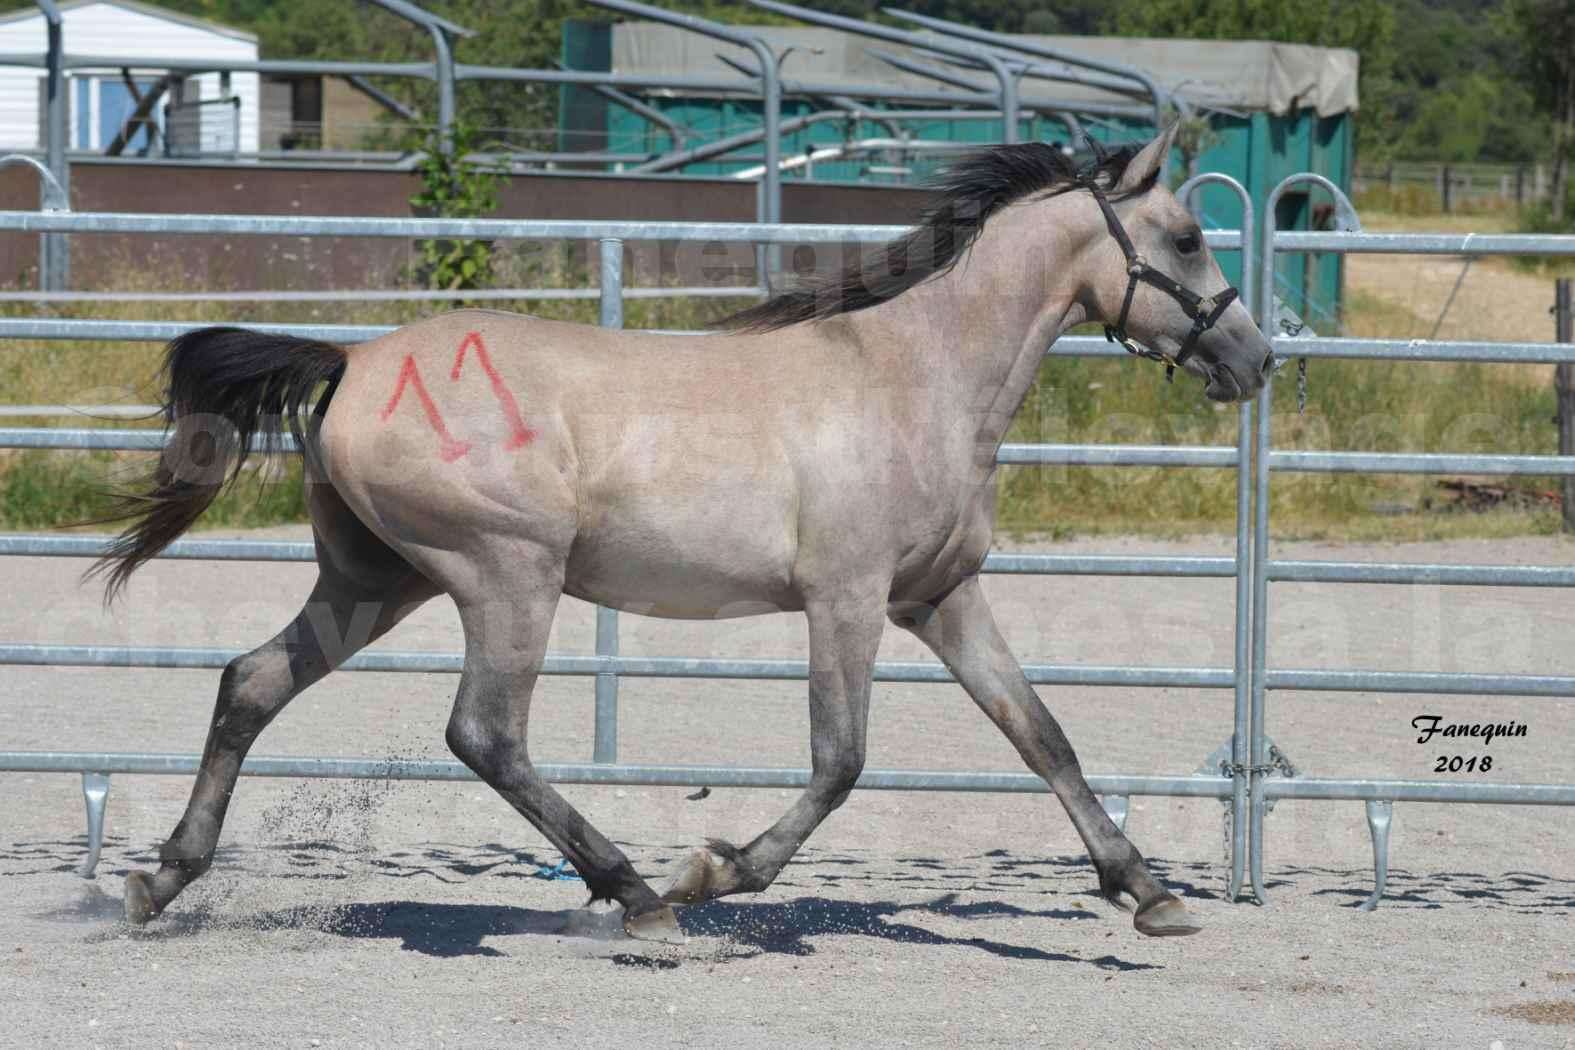 Concours d'Elevage de chevaux Arabes  le 27 juin 2018 à la BOISSIERE - GAZRAK D'AURIERES - 04